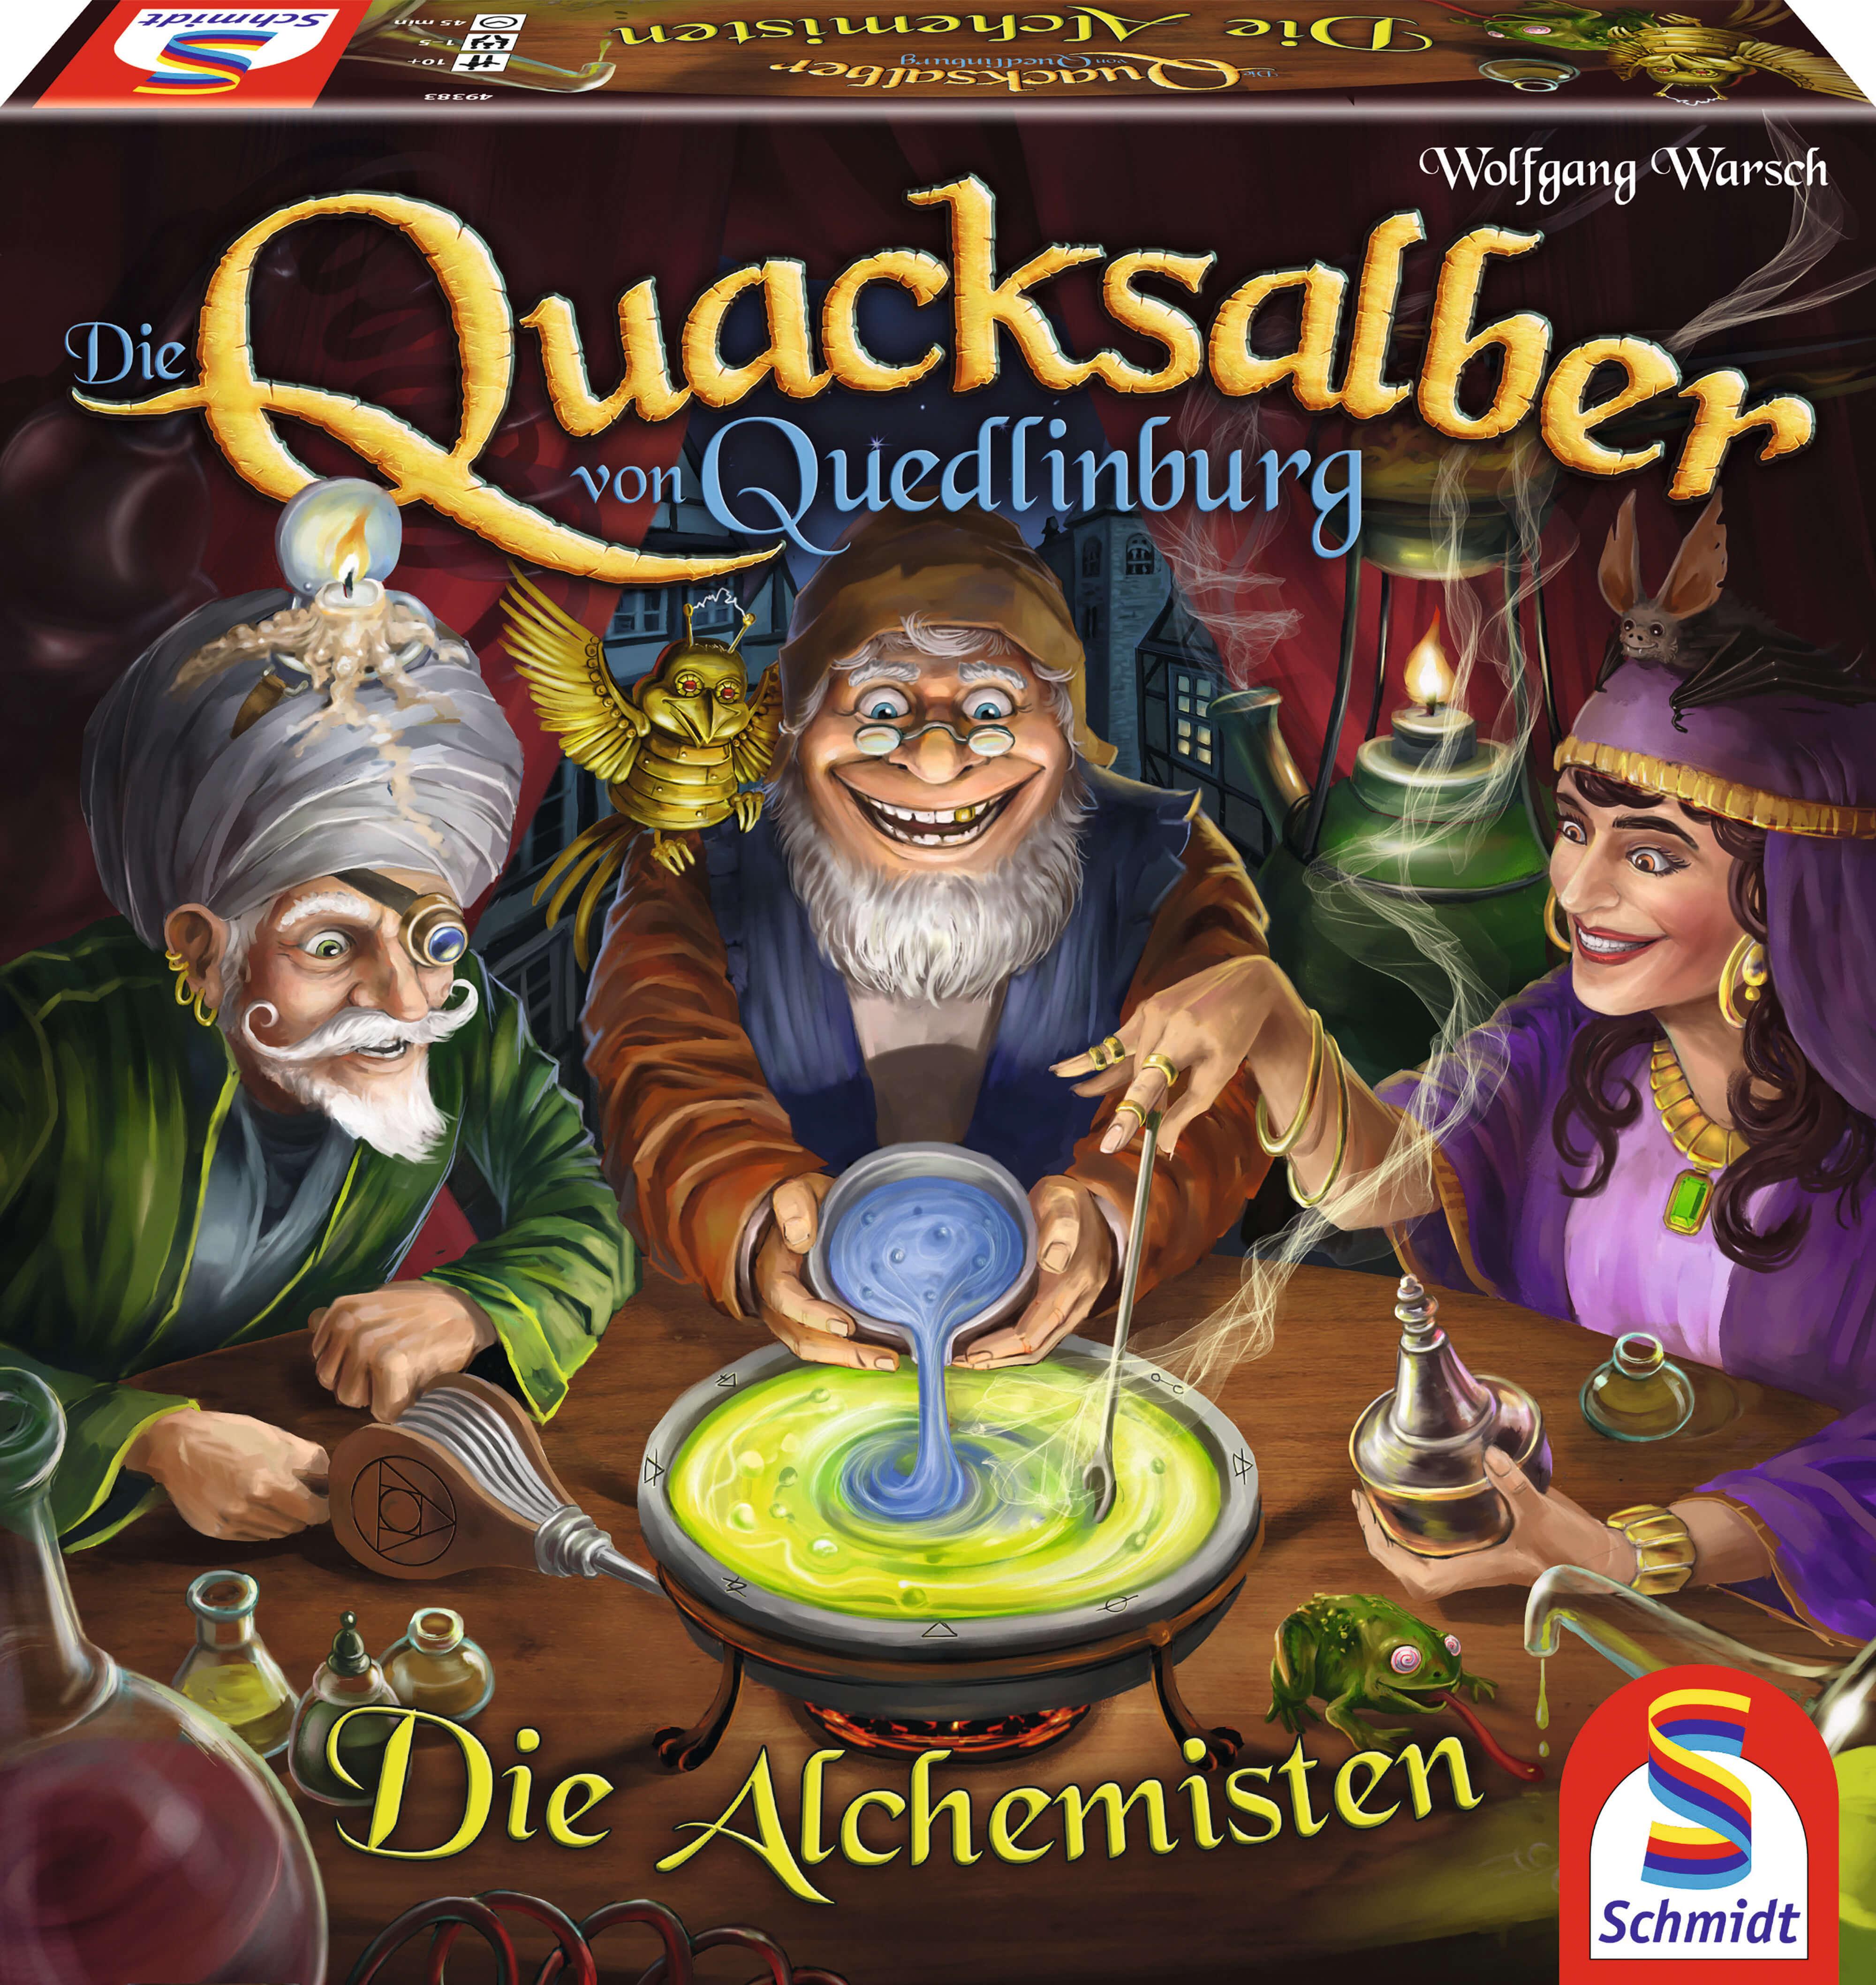 Schachtel Vorderseite- Die Quacksalber von Quedlinburg - Die Alchemisten